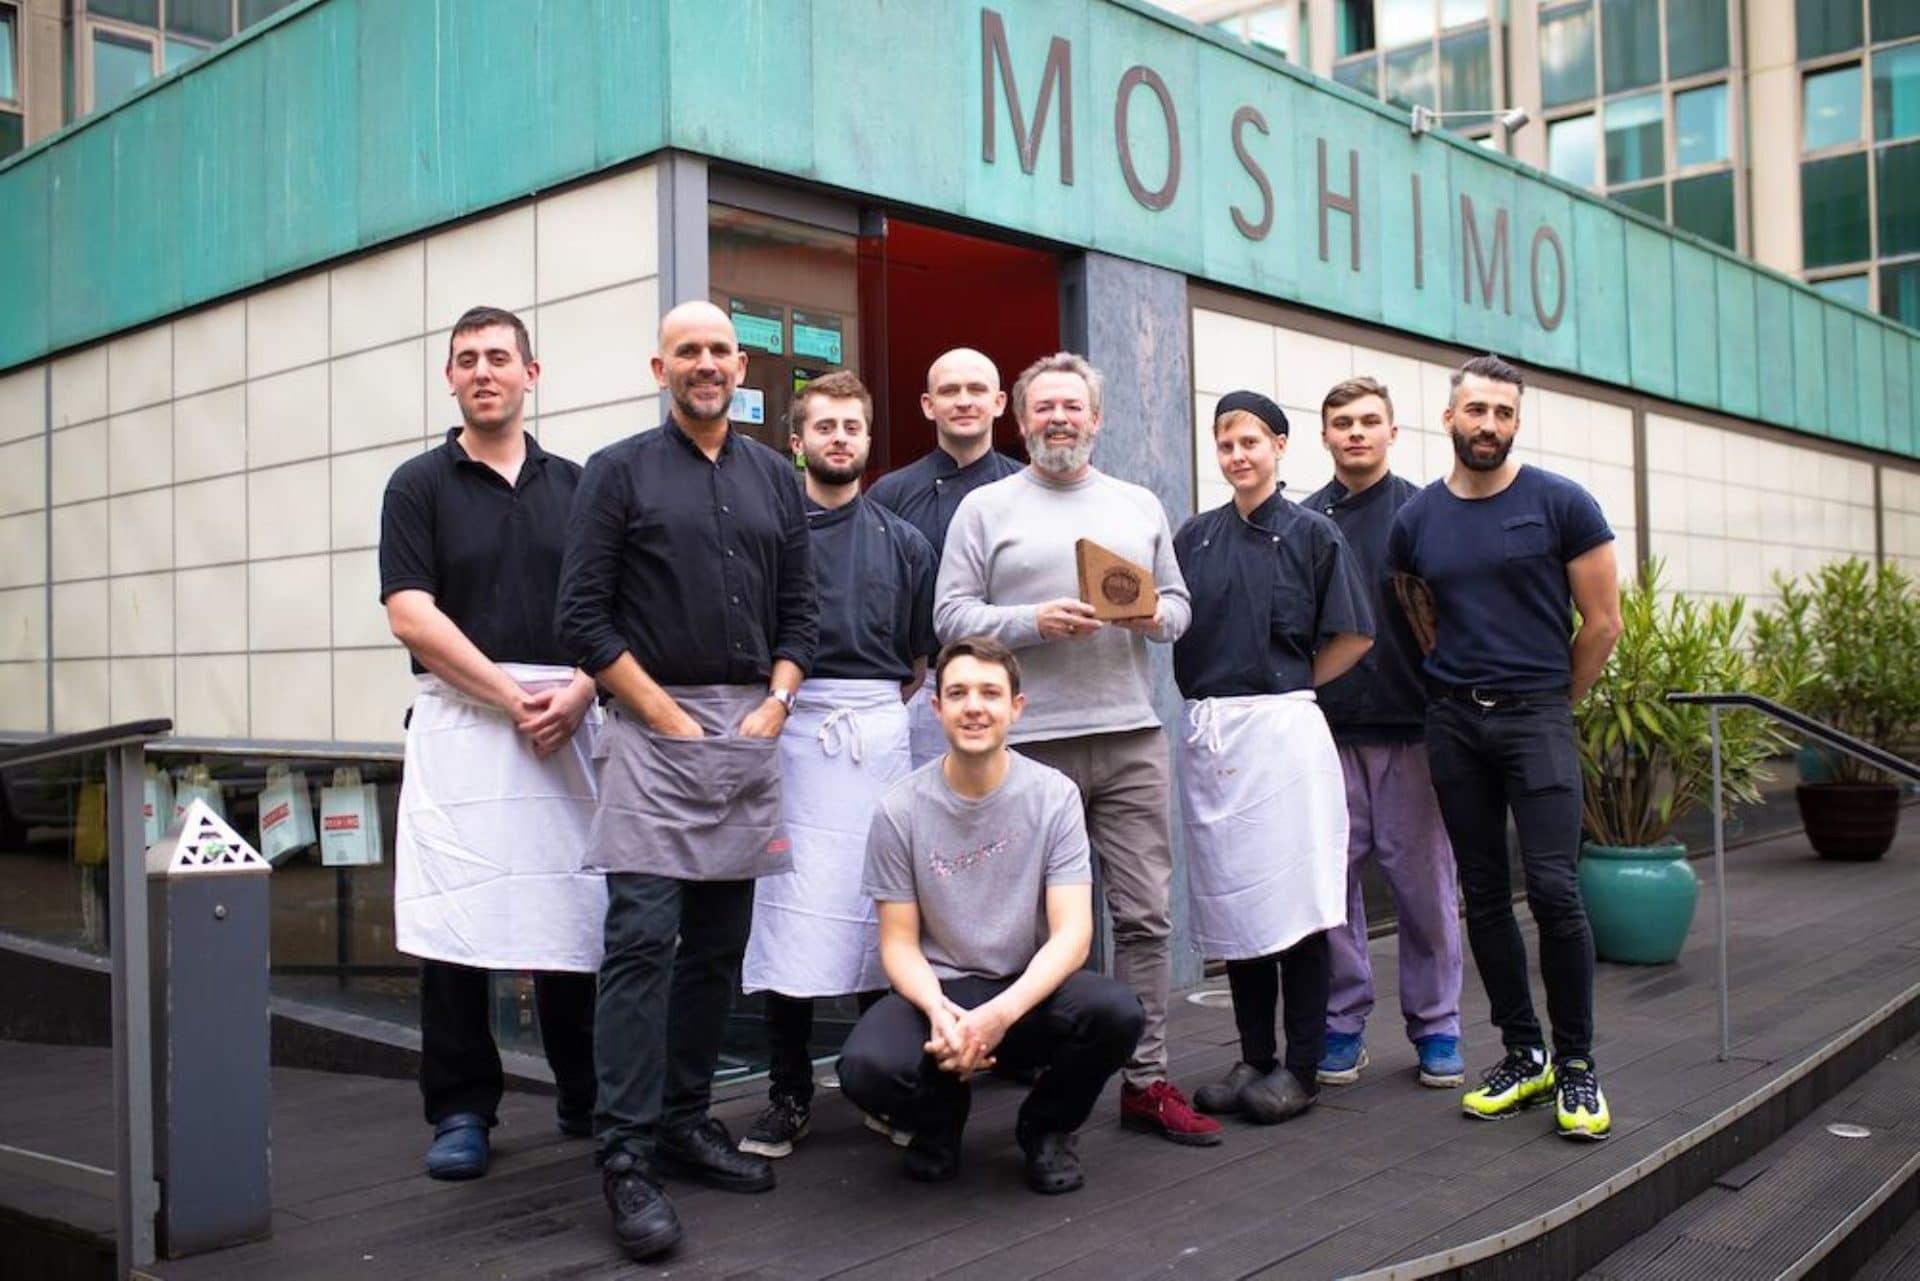 Moshimo Bravo -Moshimo Vegan Challenge